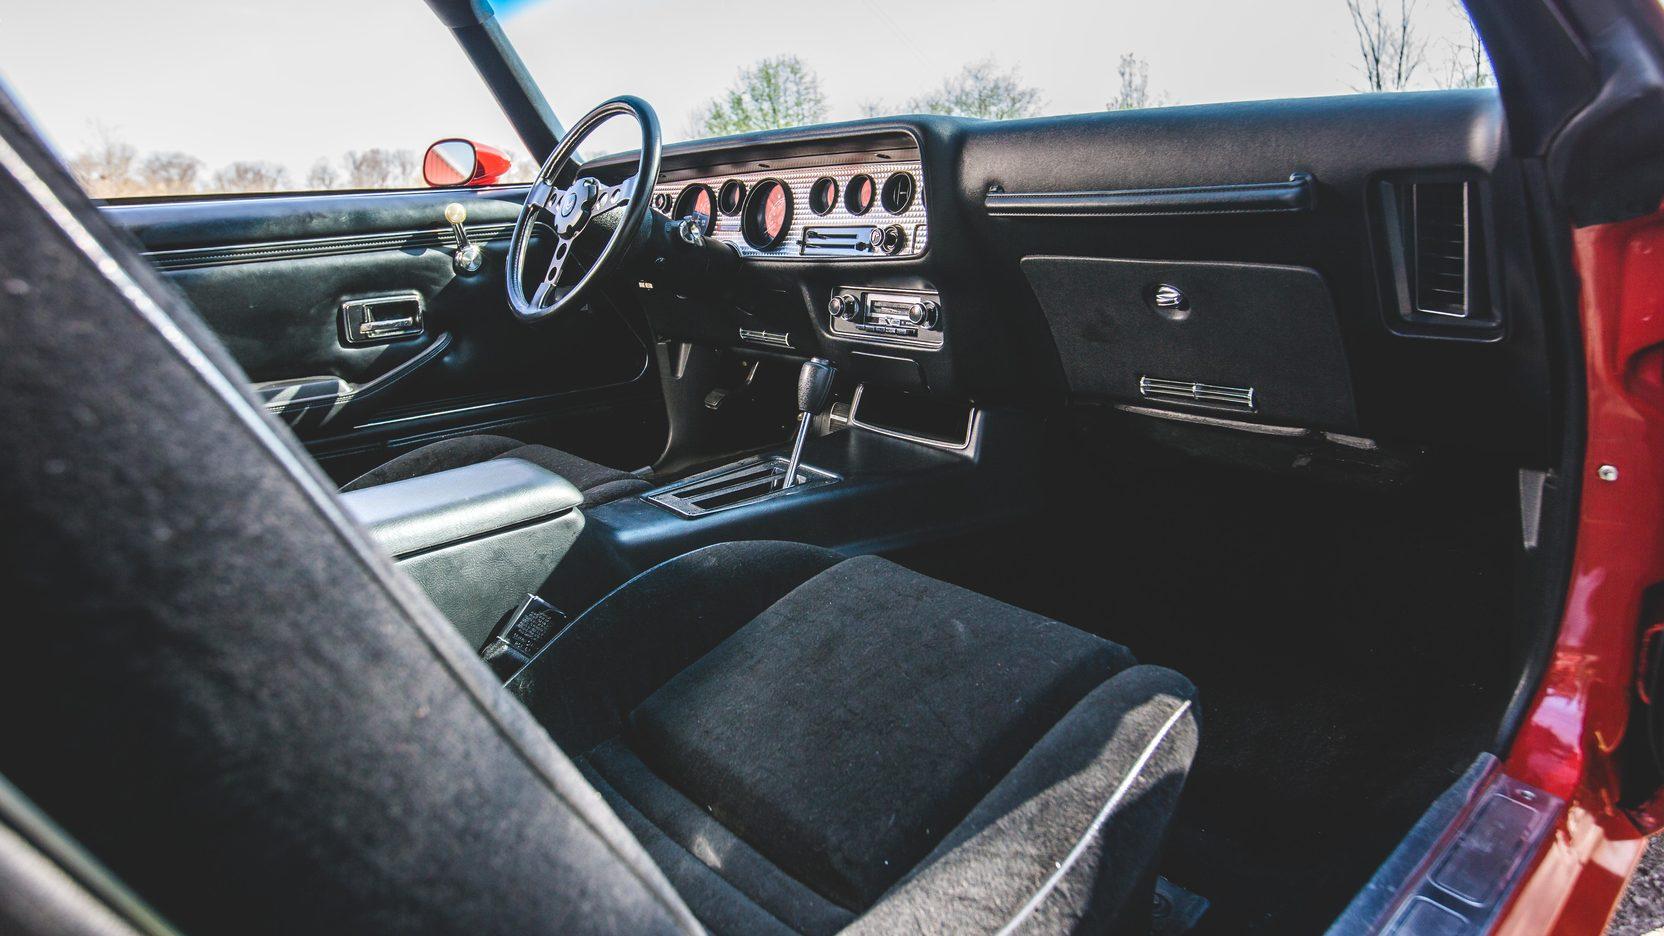 1978 Pontiac Firebird Trans Am interior